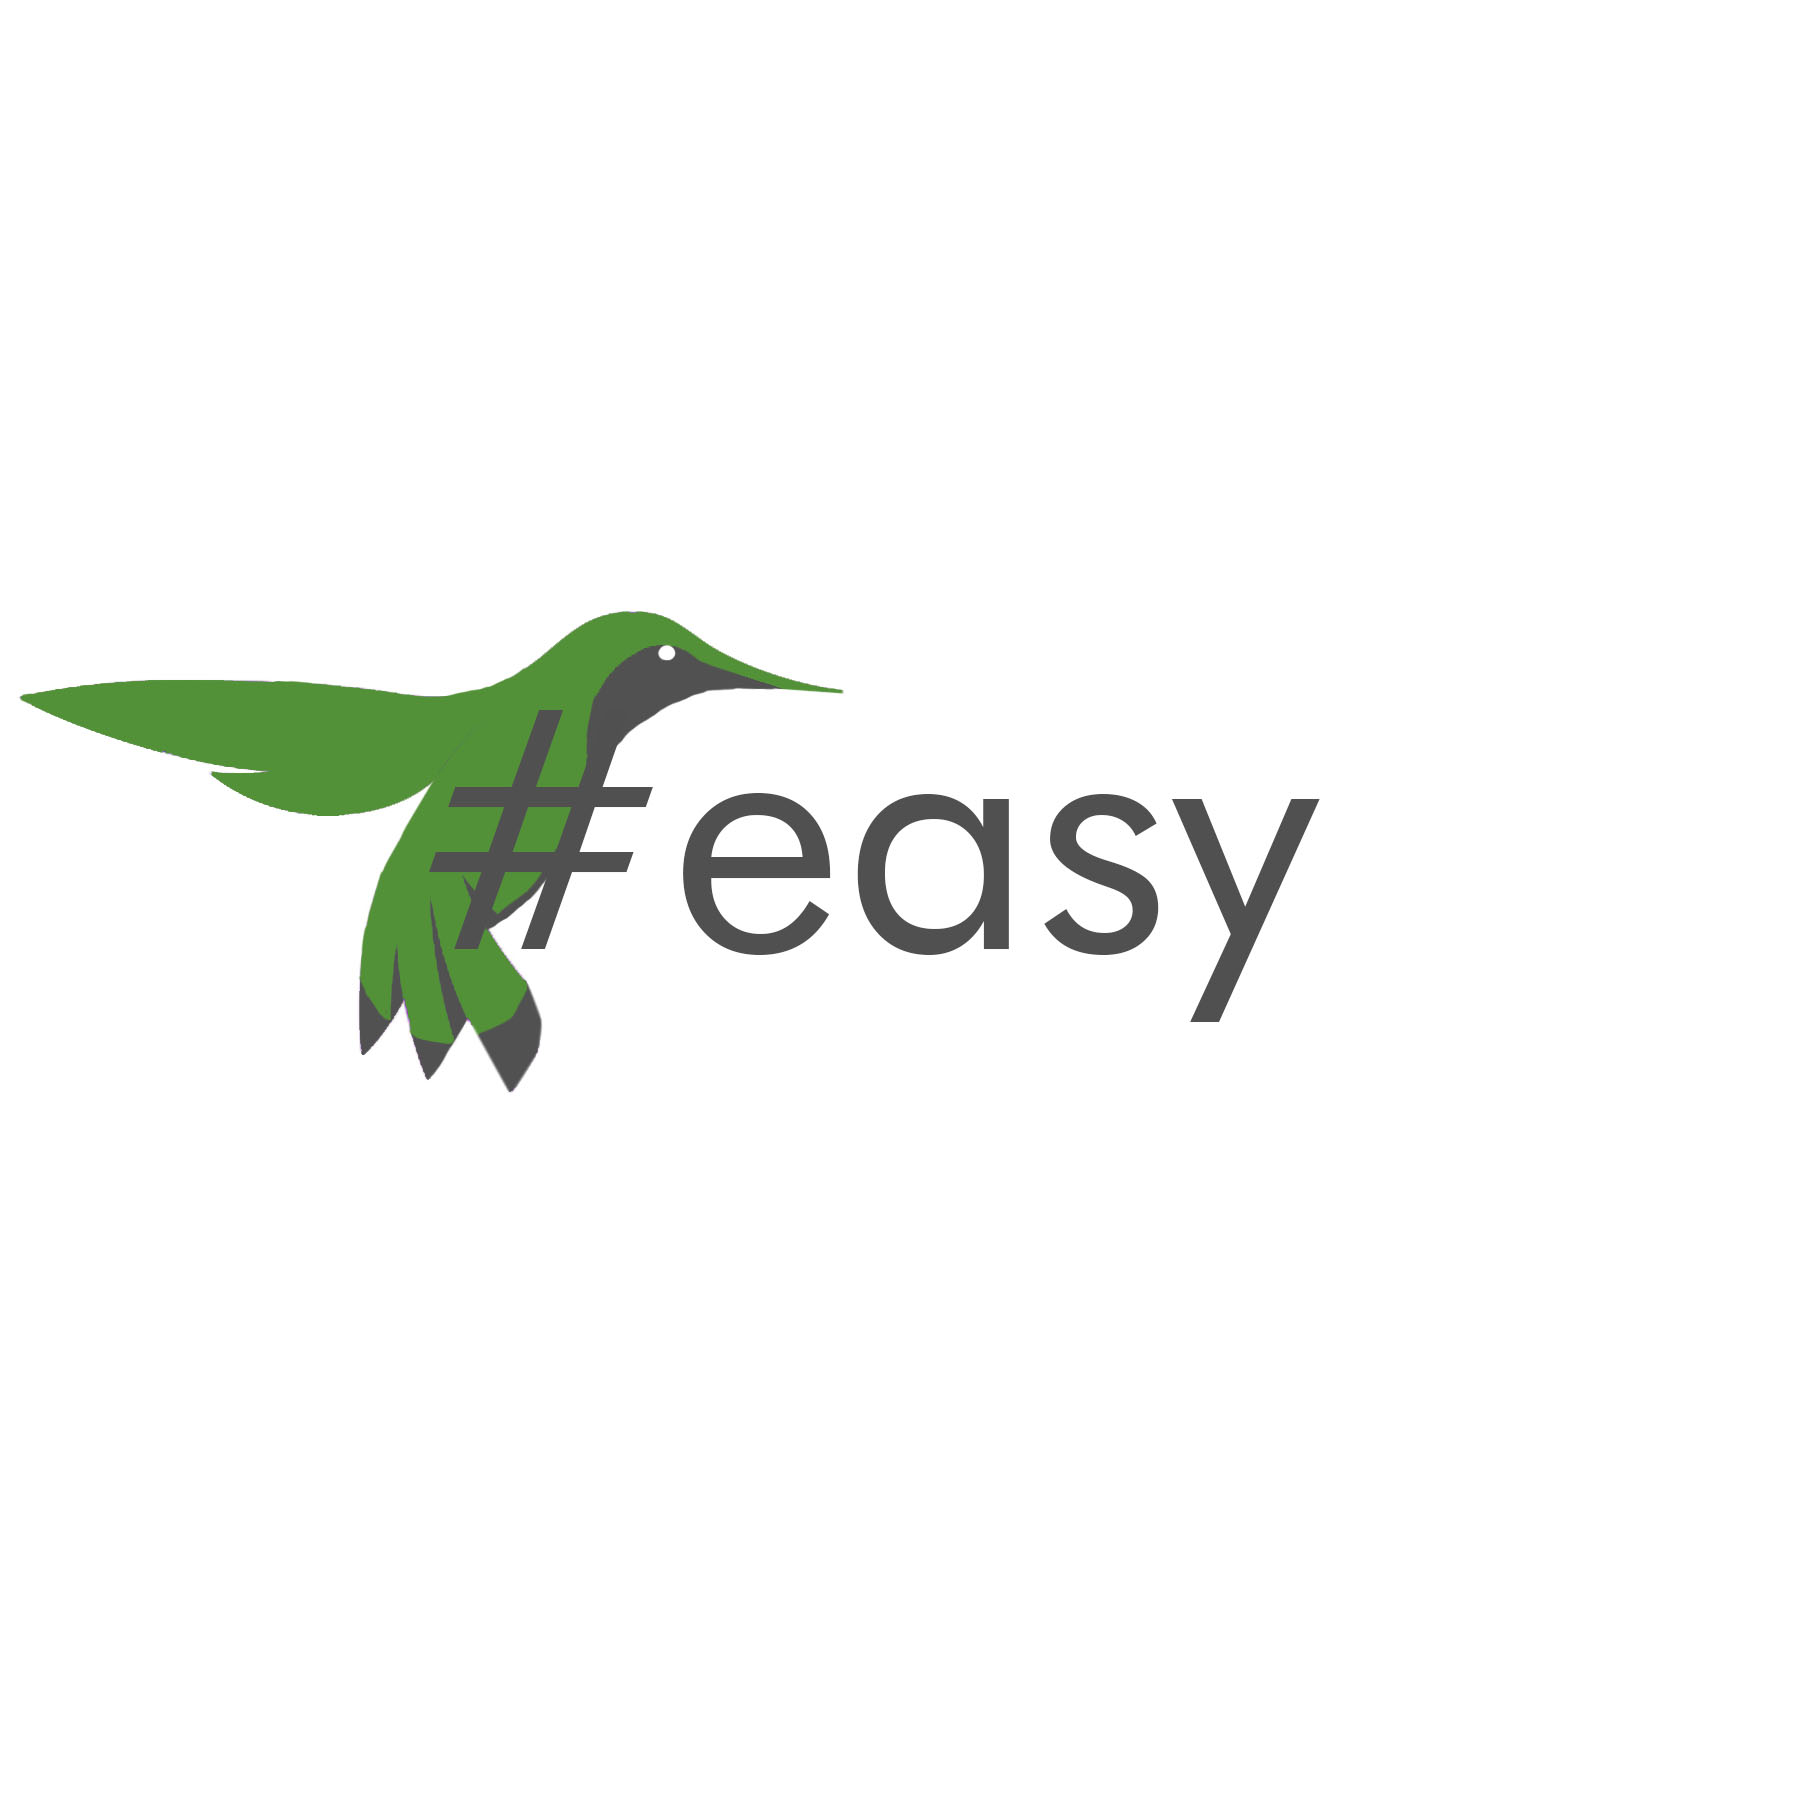 Разработка логотипа в виде хэштега #easy с зеленой колибри  фото f_8075d4dacdf4ea1d.jpg